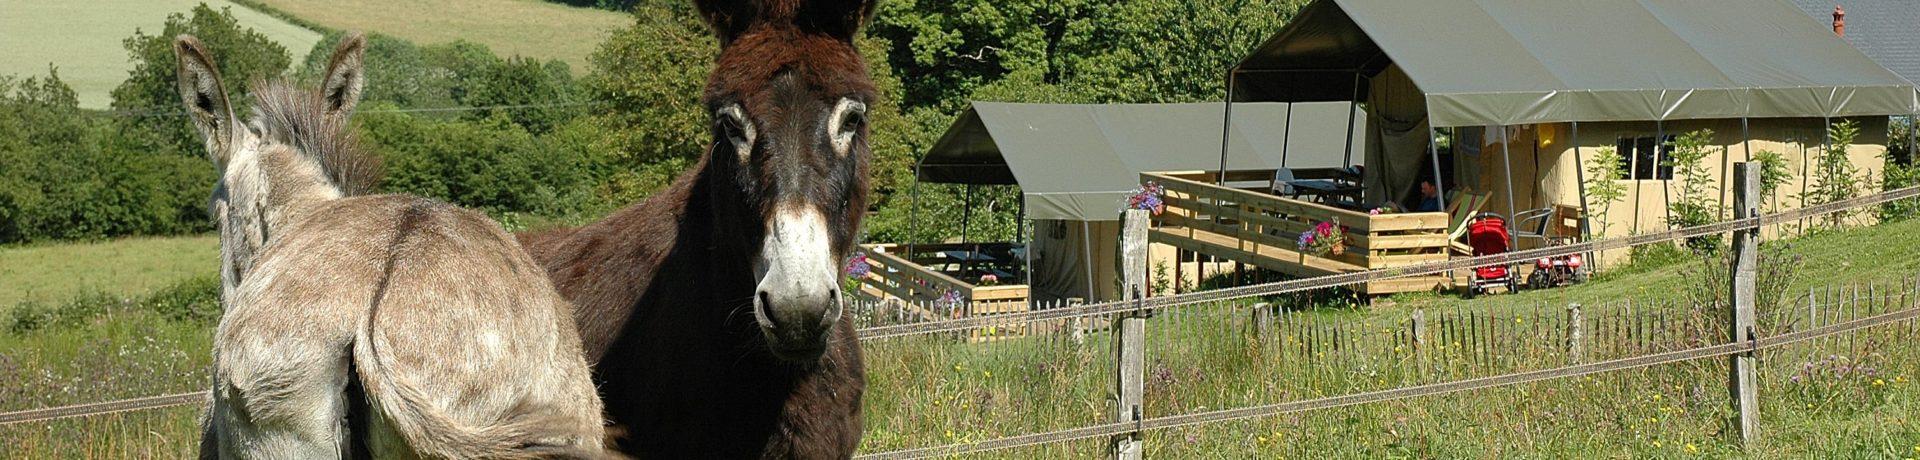 Morvan Rustique is een kleinschalig vakantieparadijs voor gezinnen met kids die willen genieten van de rust en de natuur midden in de Morvan (Bourgogne).